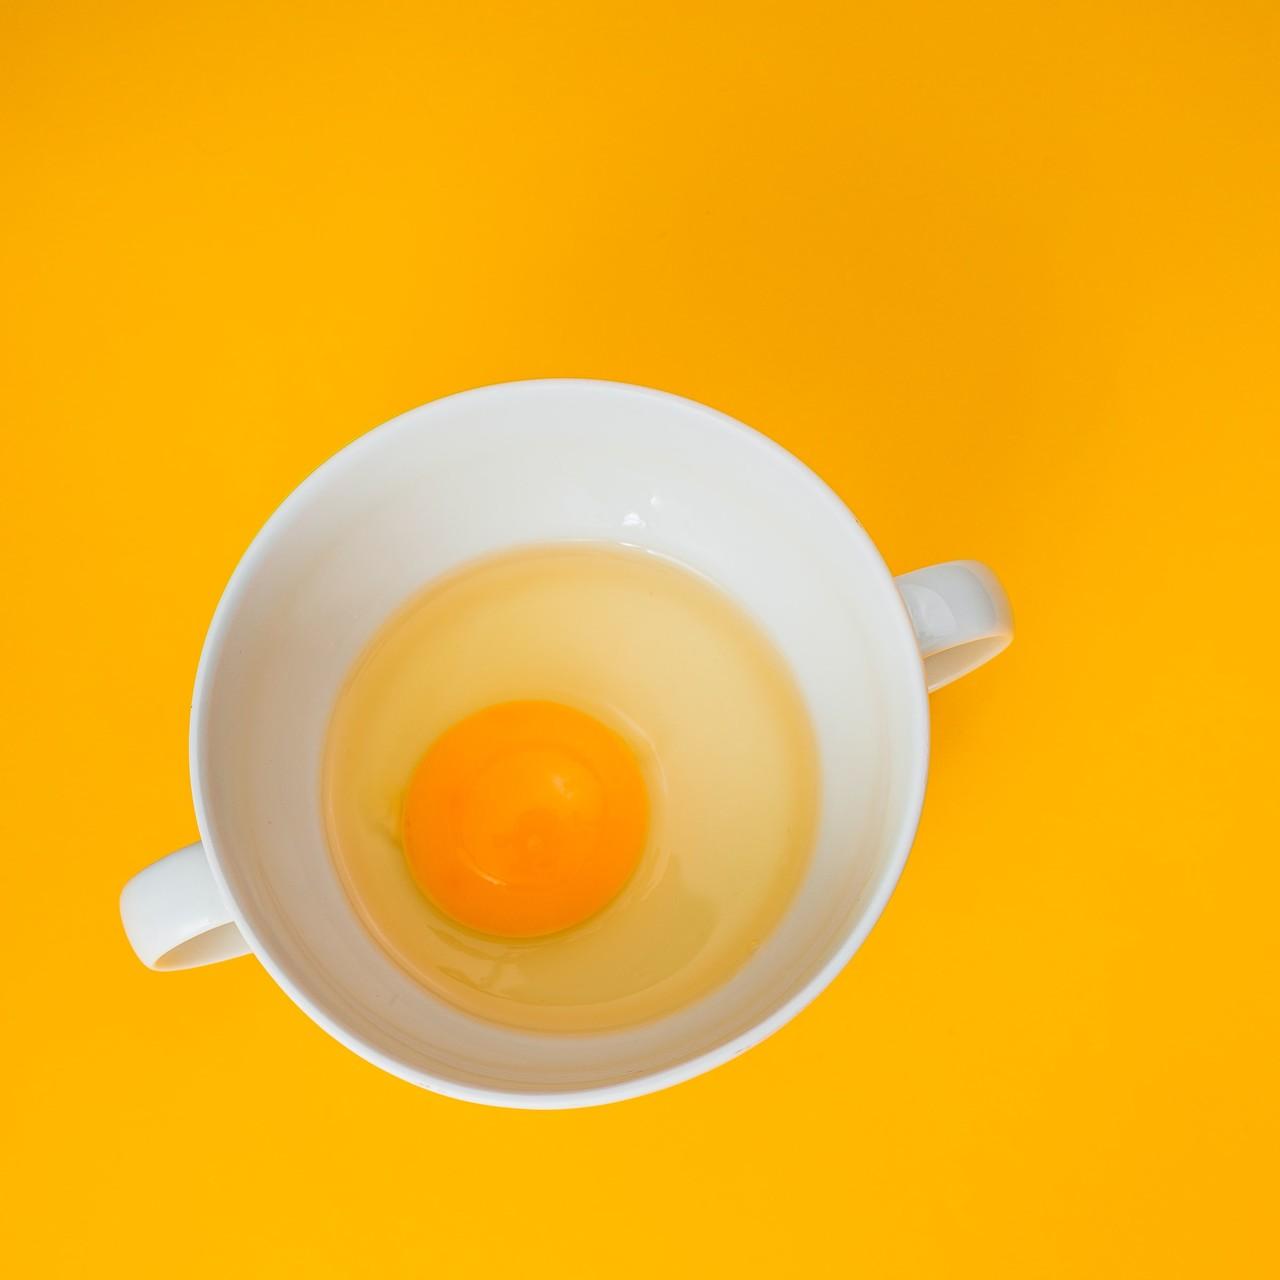 동초란은 항산화수와 값비싼 동충하초 생균제 사료를 먹고 자란 건강한 닭이 낳은 귀한 달걀입니다